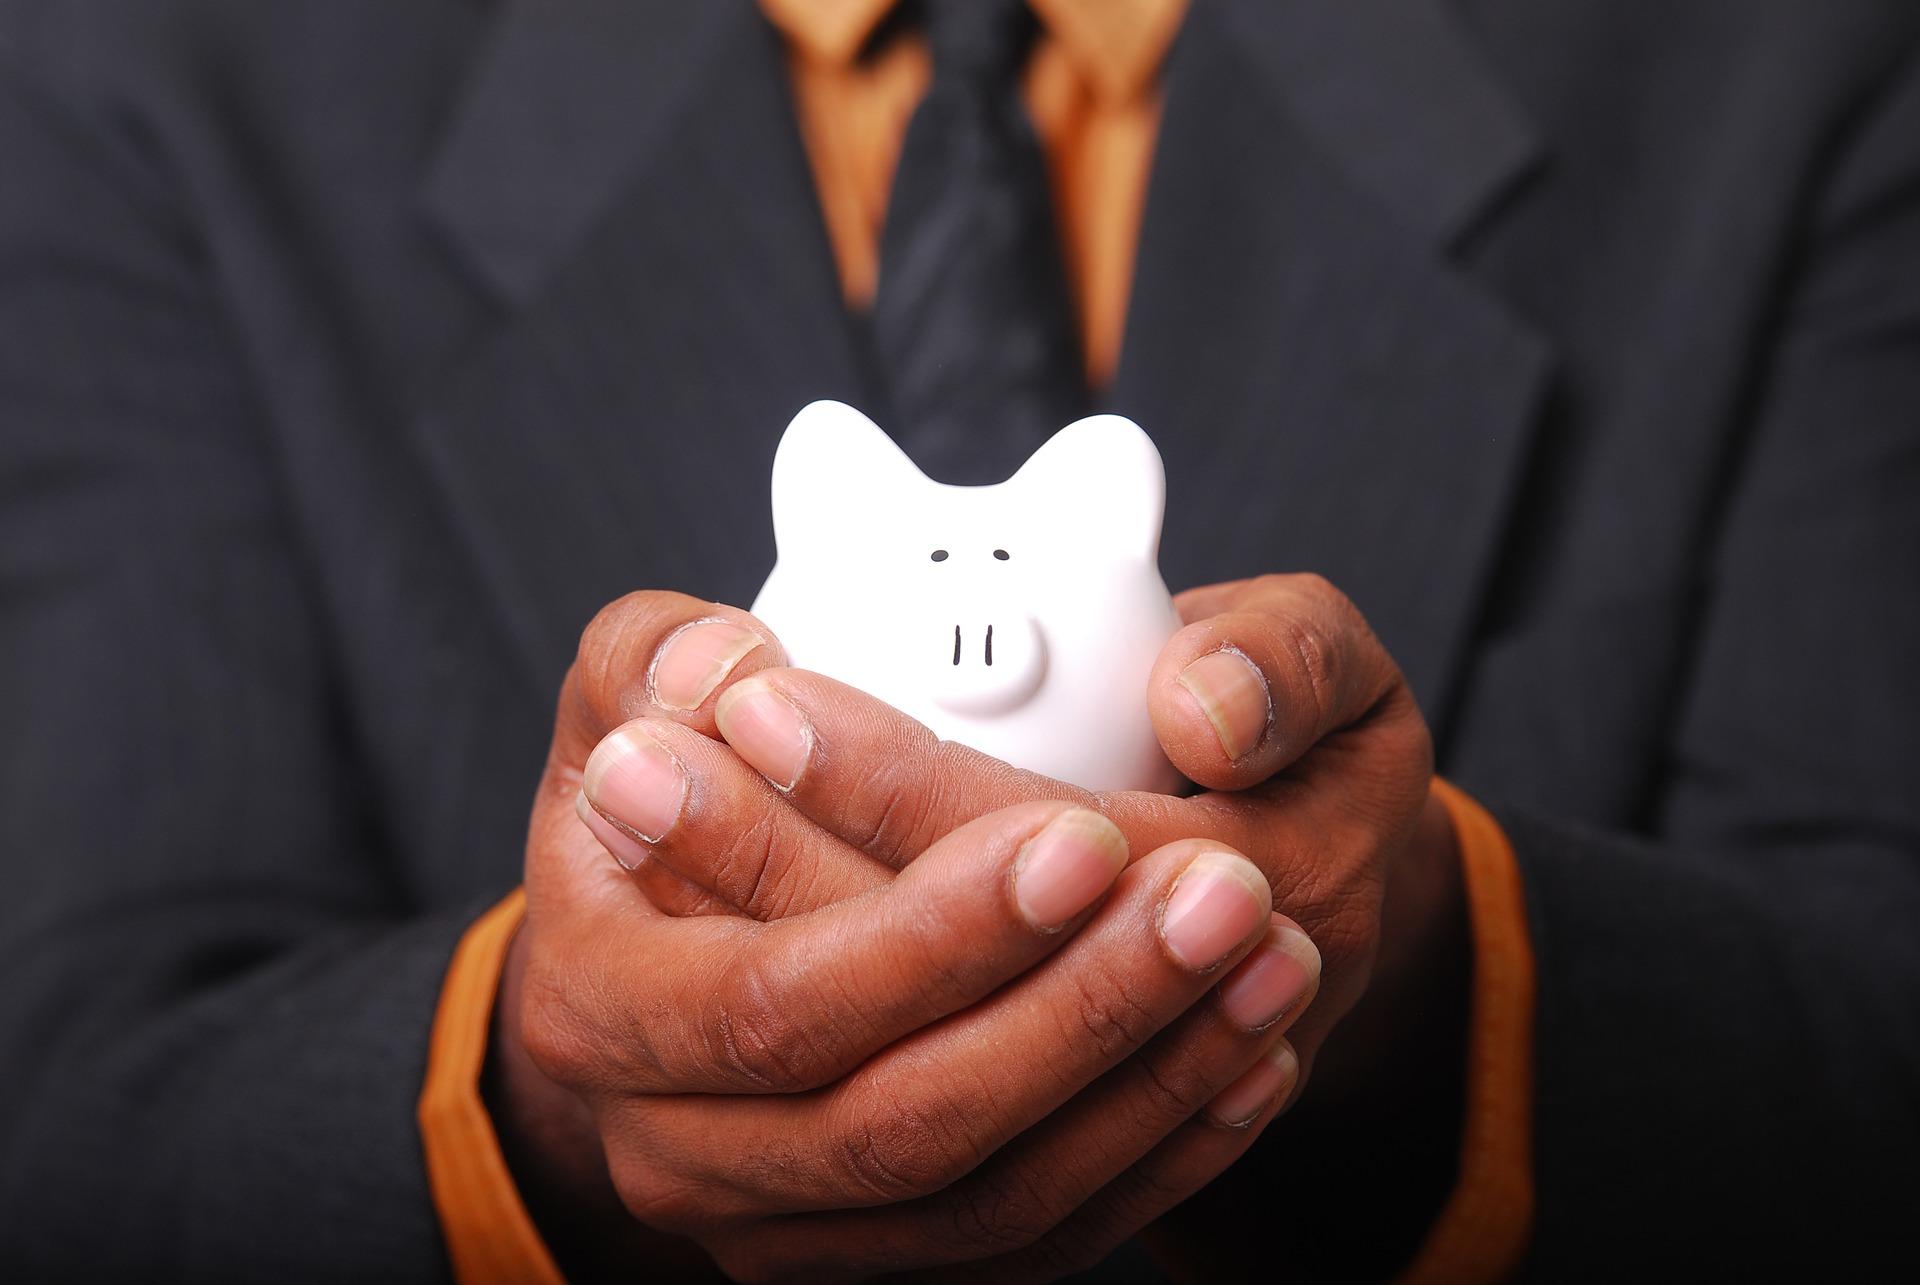 L'épargne, le premier pas vers l'indépendance financière